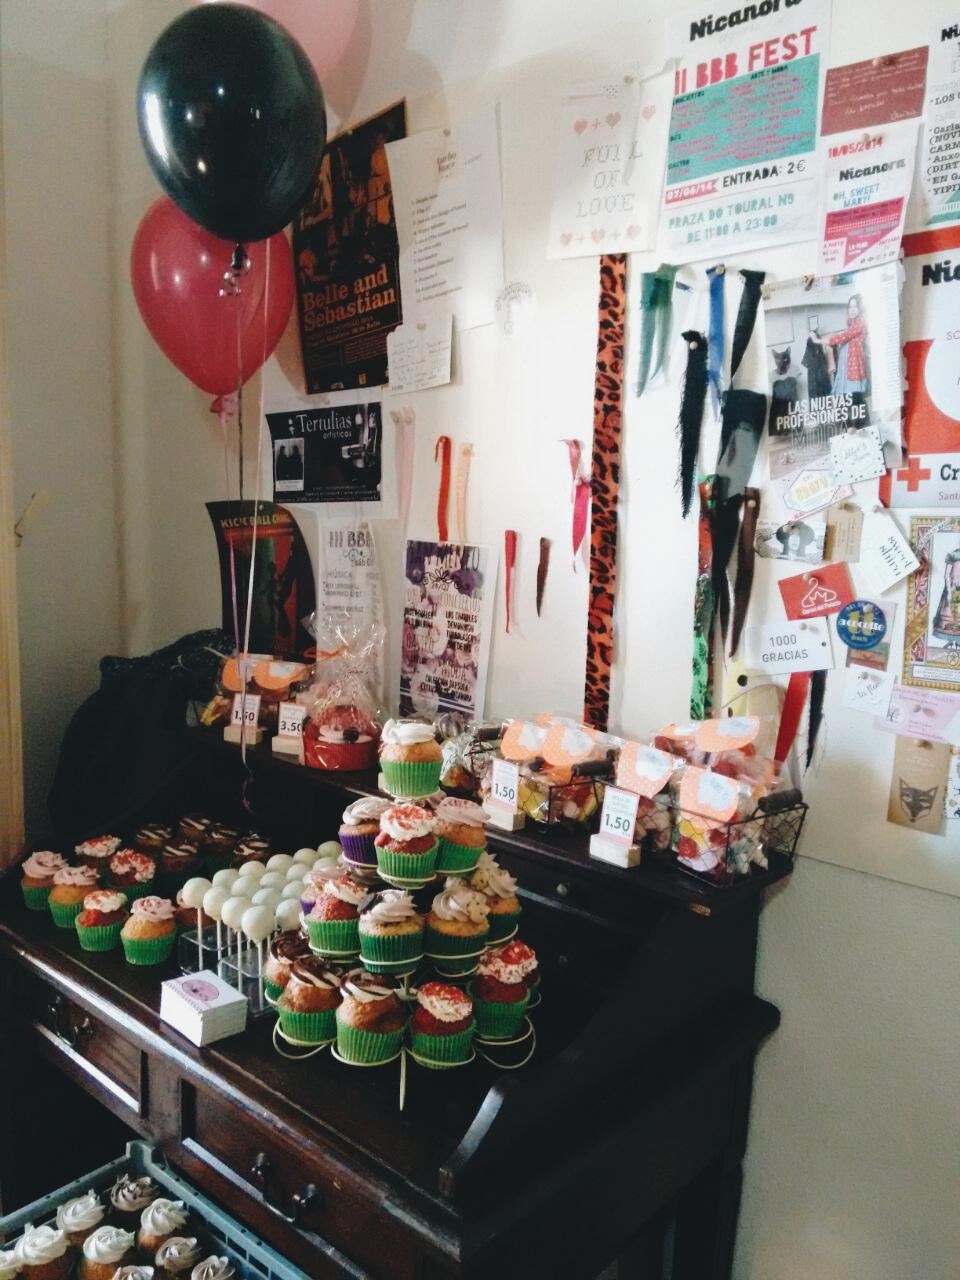 Stand de cupcakes de Dulce Victoria |  © Natalia Saavedra